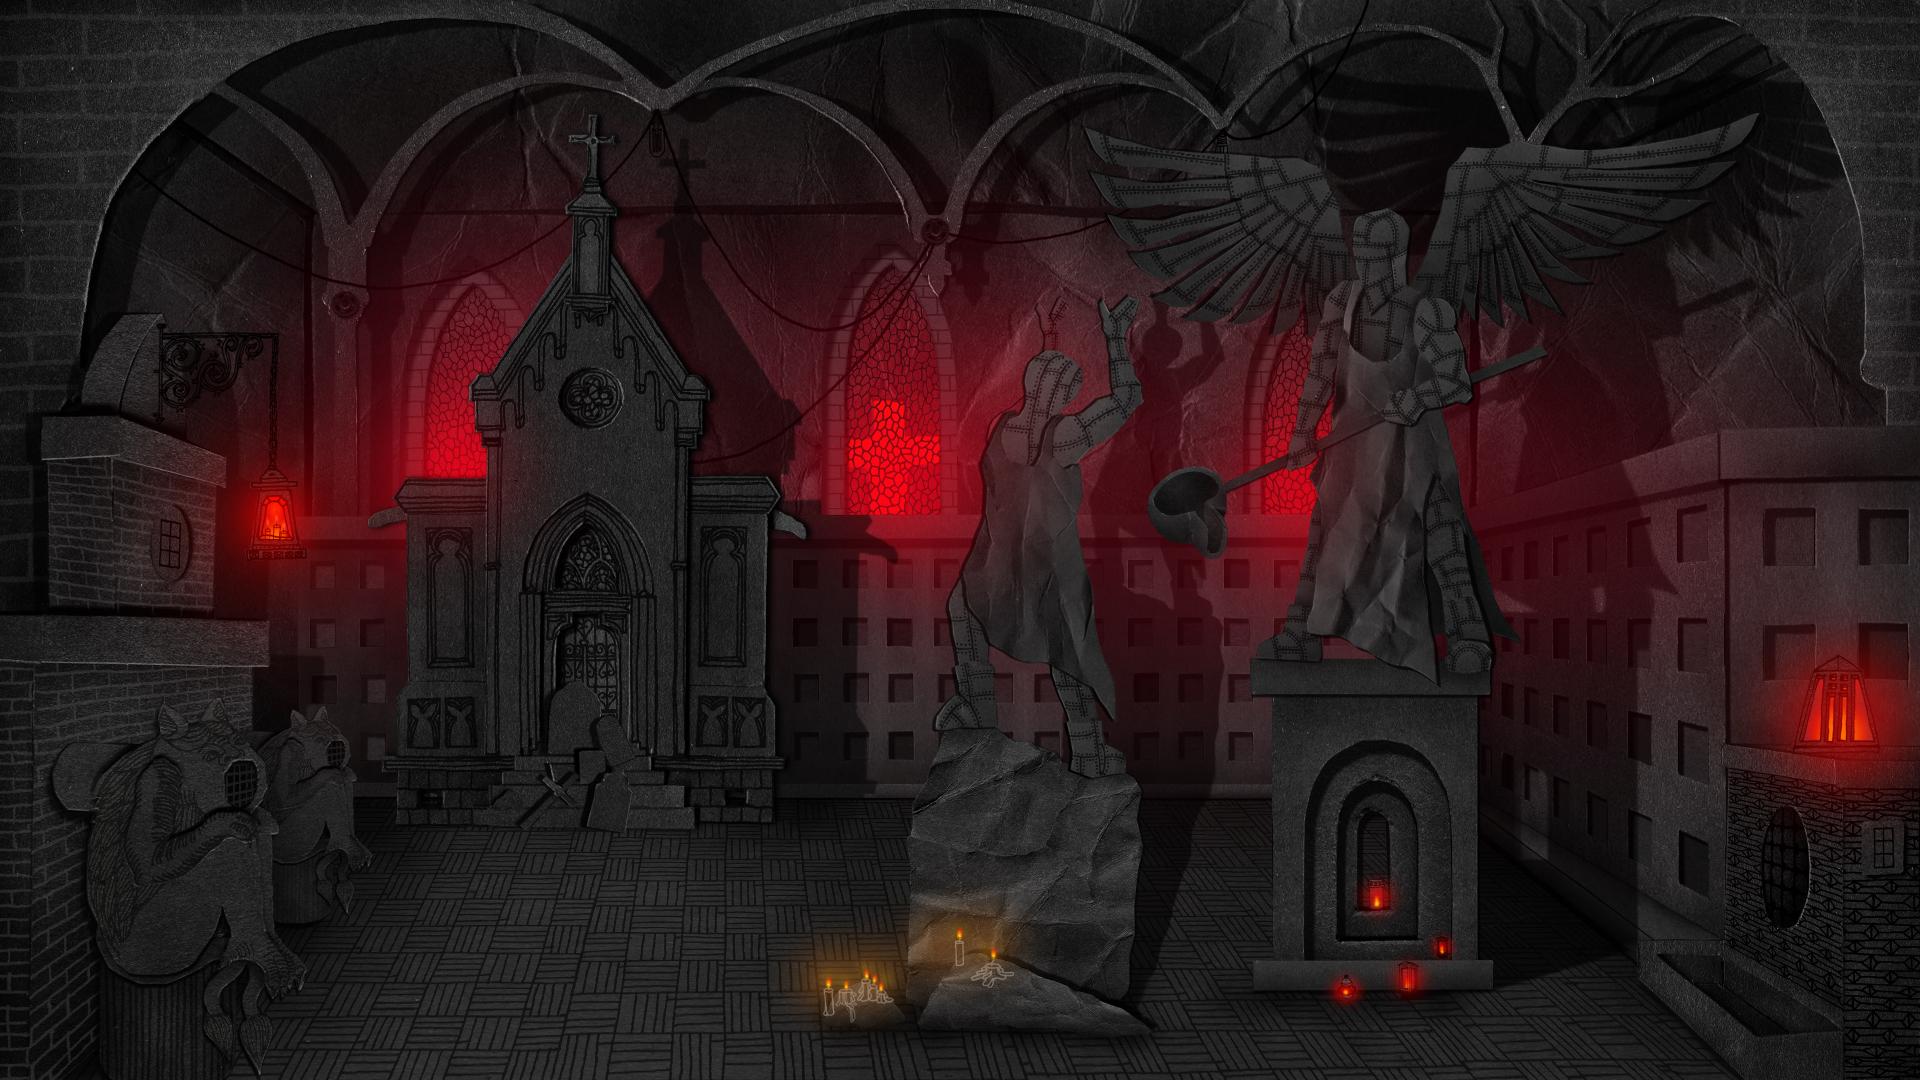 In-game scene #1